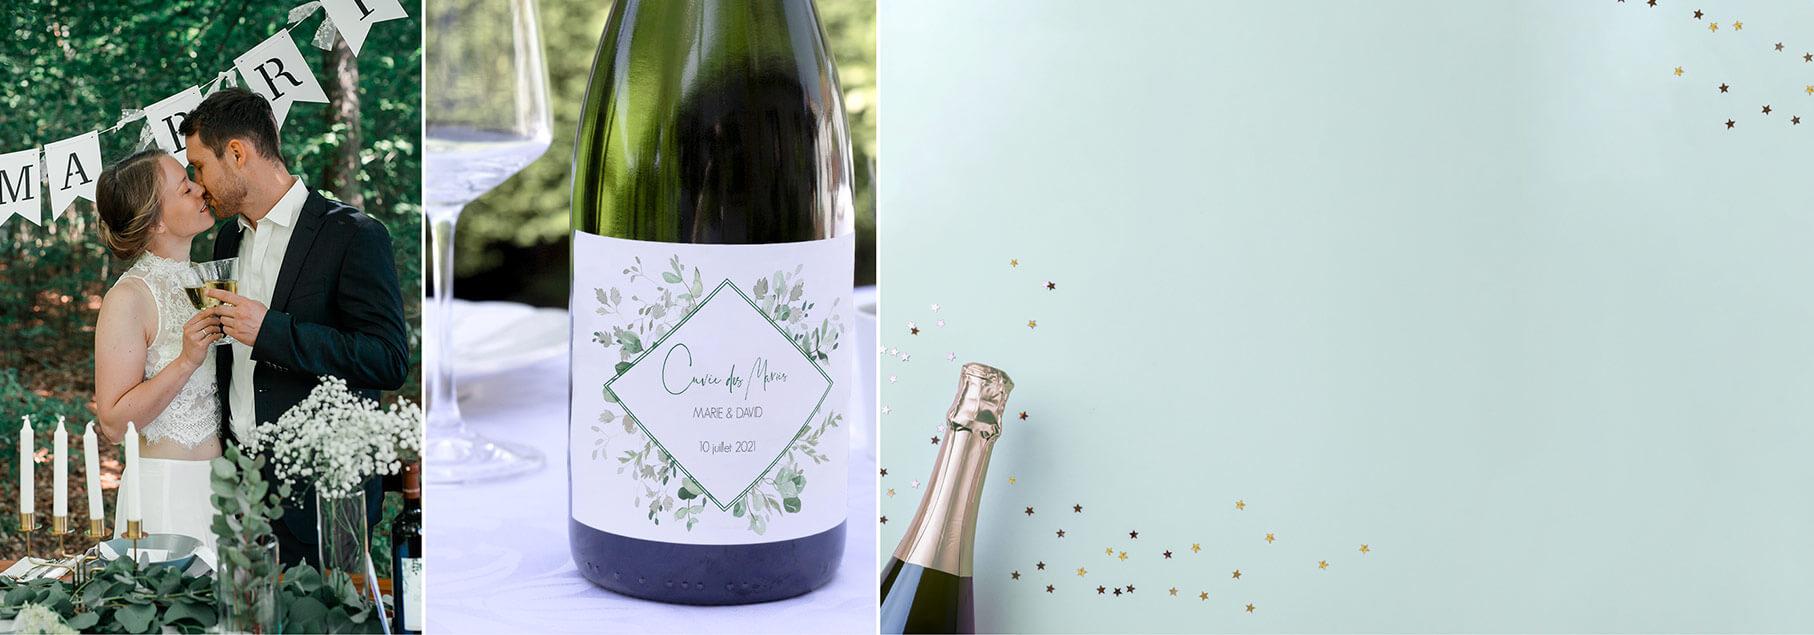 Étiquette pour bouteille de champagne